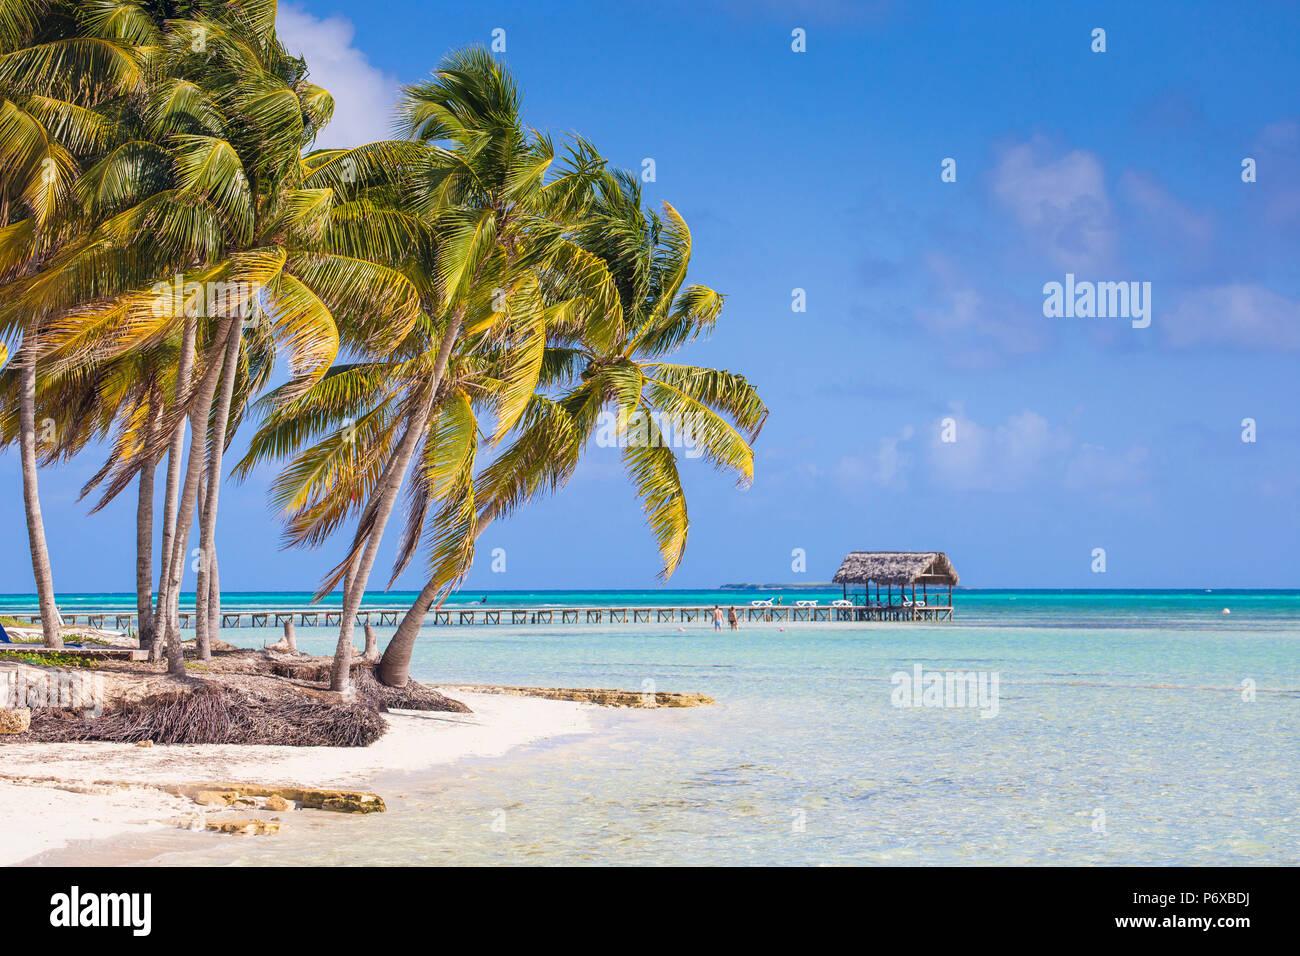 Cuba, Jardines del Rey, Cayo Guillermo, Playa El Paso, palme sulla spiaggia di sabbia bianca Immagini Stock